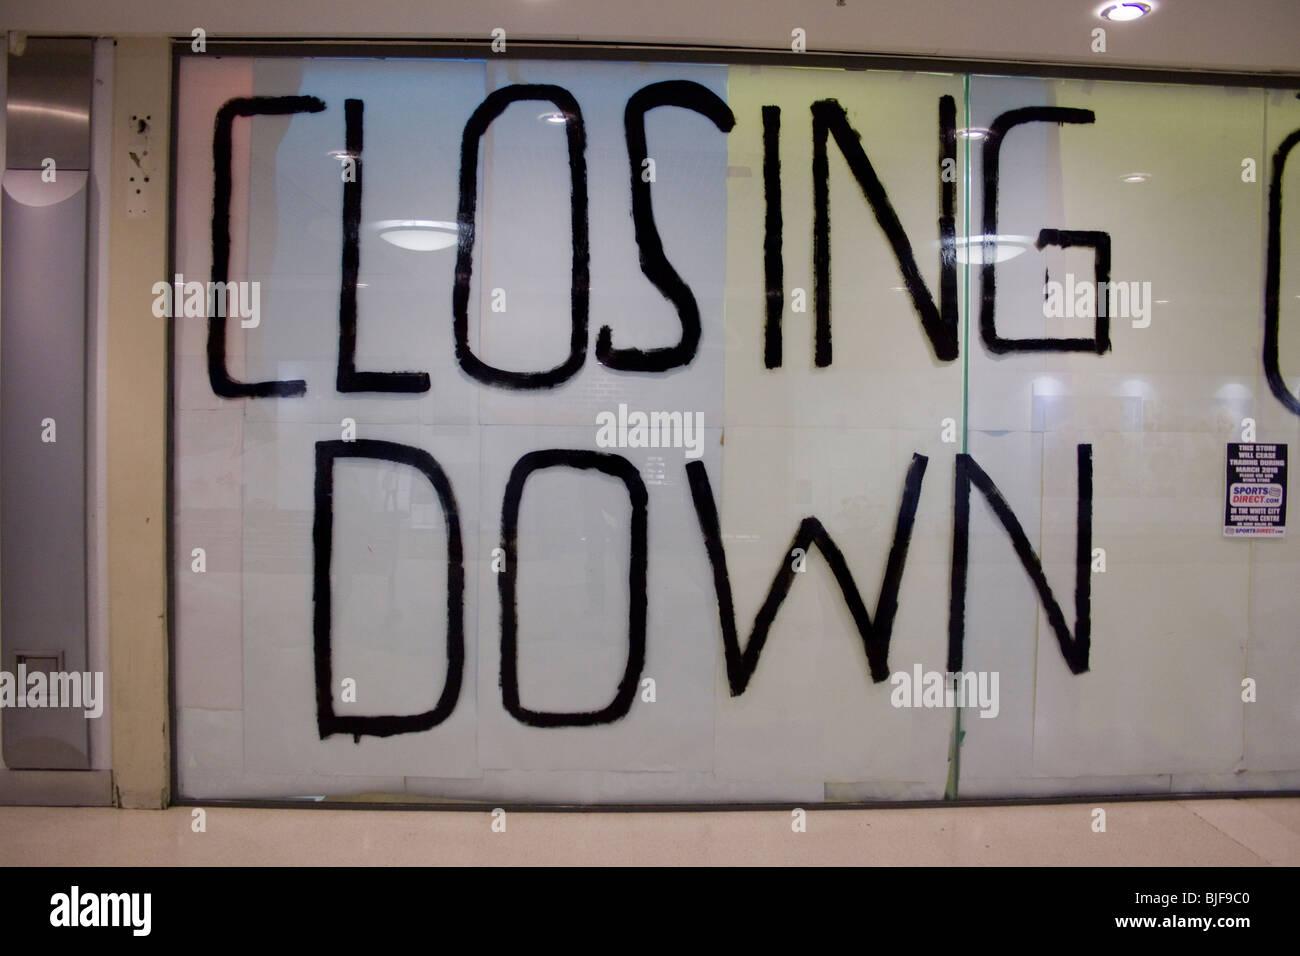 Chiusura scritto a grandi lettere nella vetrina di un negozio Foto Stock